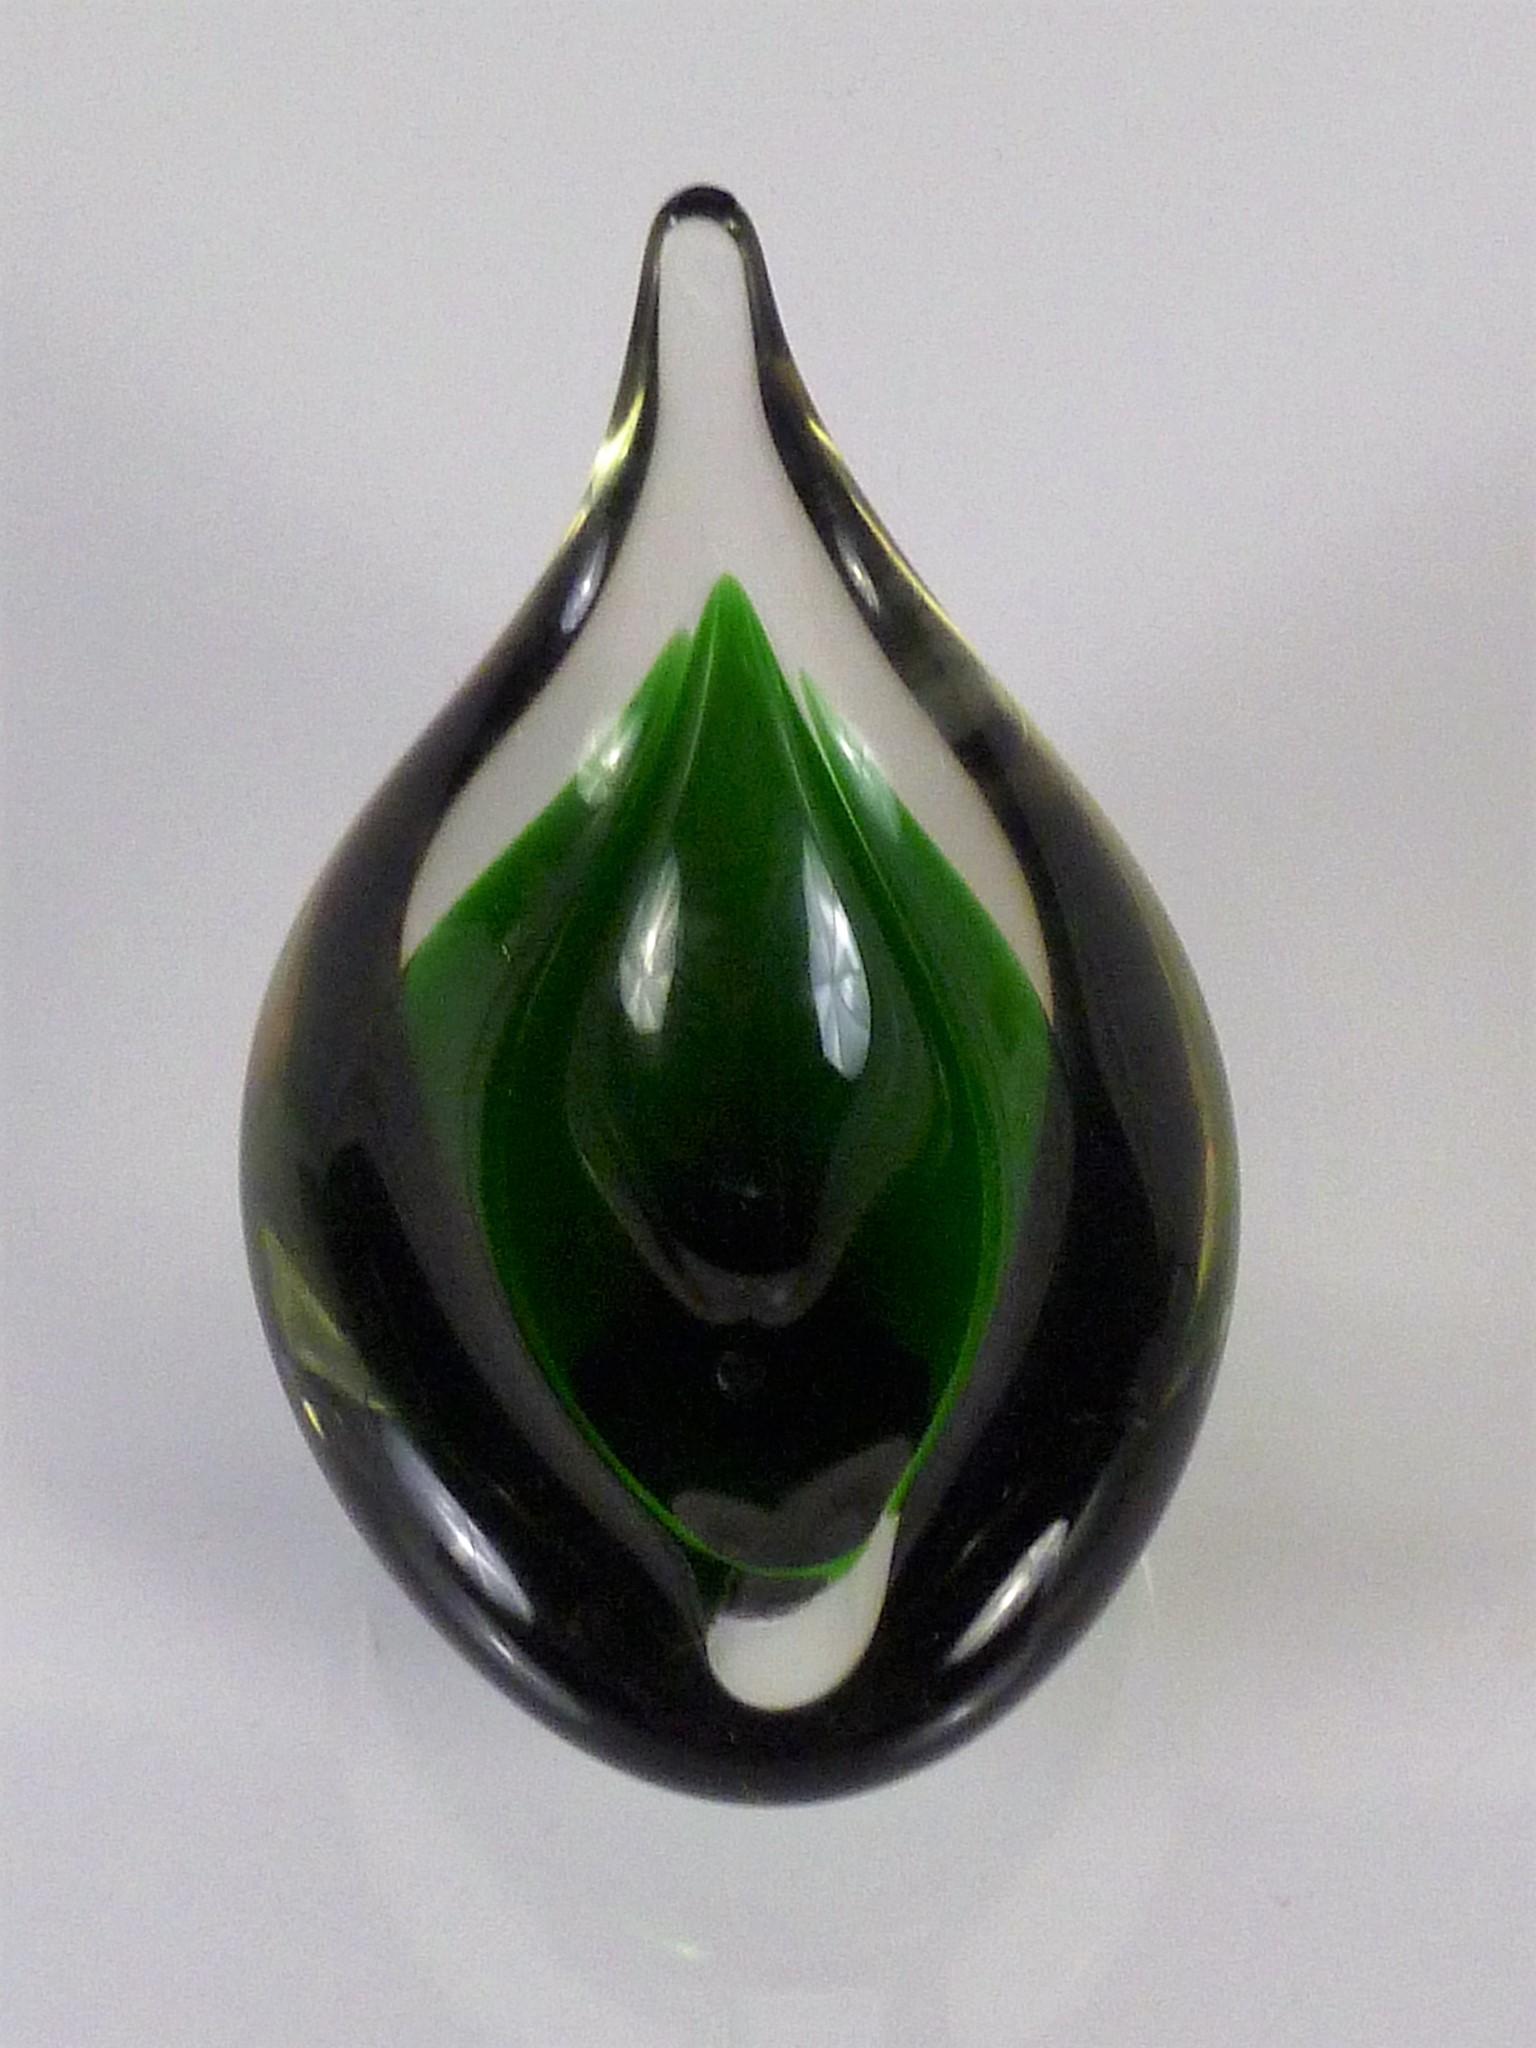 Holmegaard Denmark Modern Teardrop Shaped Dark Green And Clear Blown Glass By Per Lutken 1959